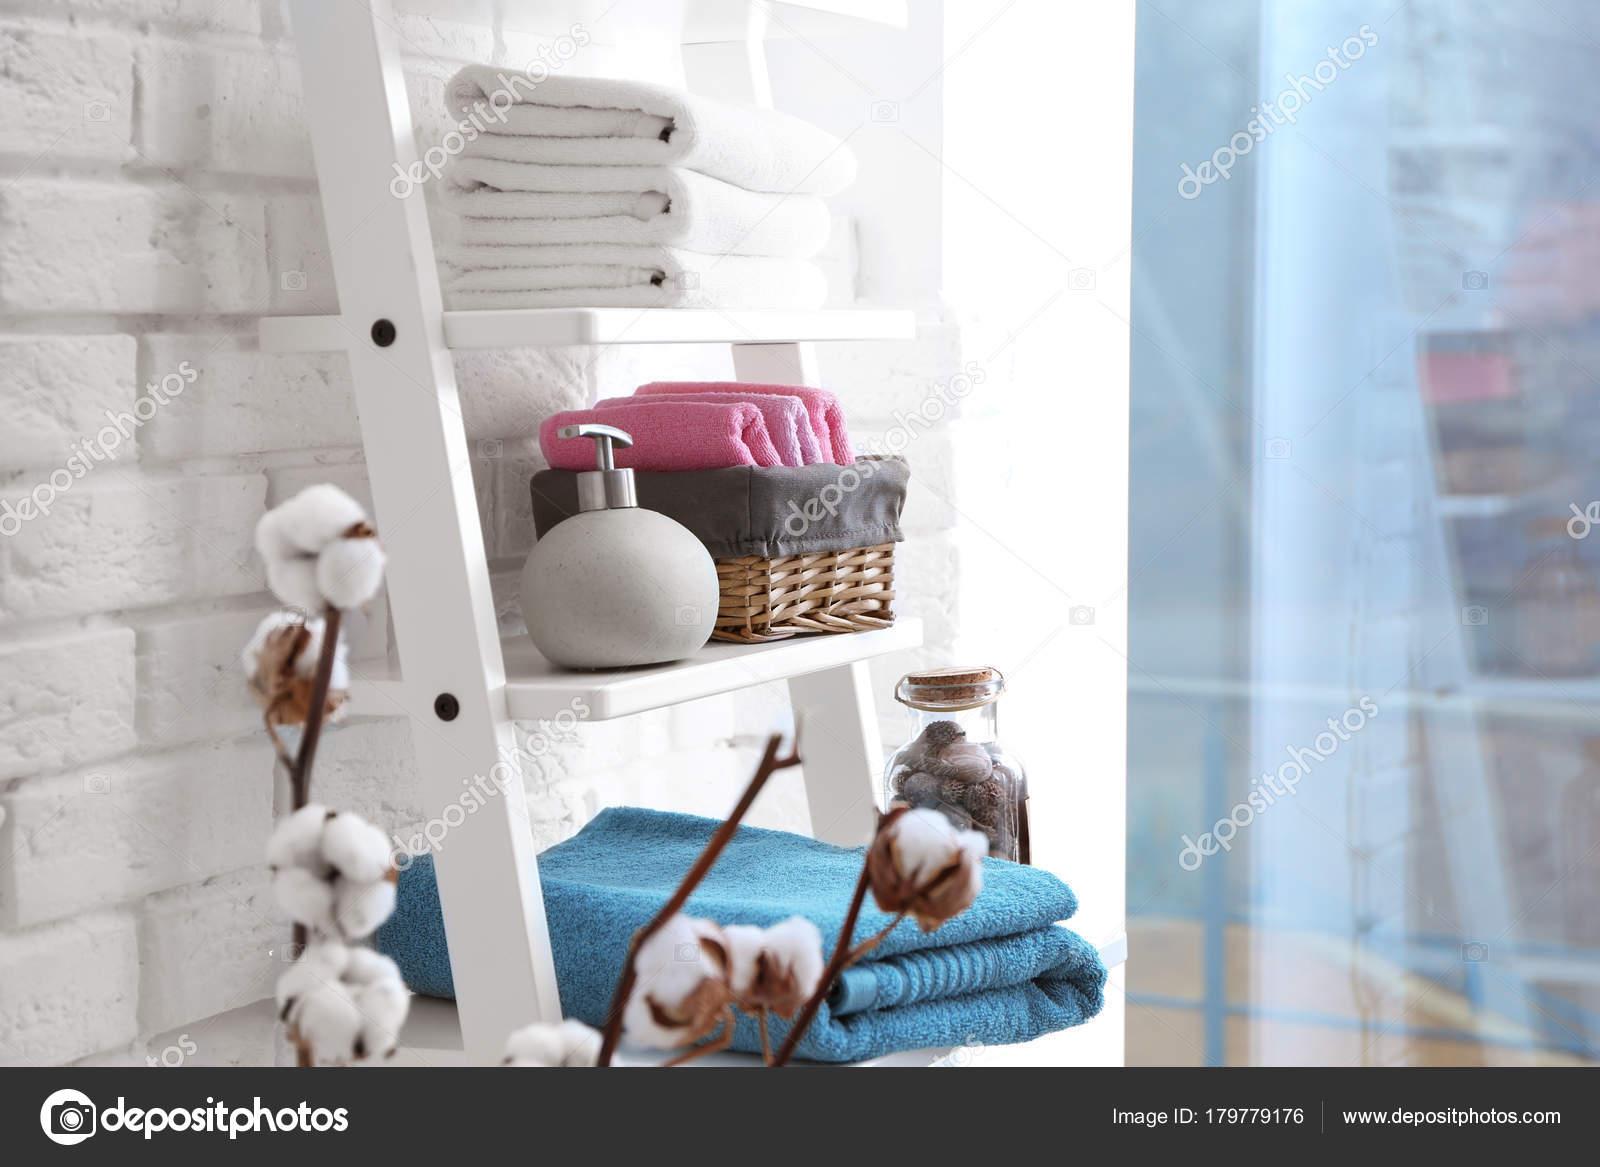 Schone Handdoeken Met Zeepdispenser Planken Badkamer — Stockfoto ...